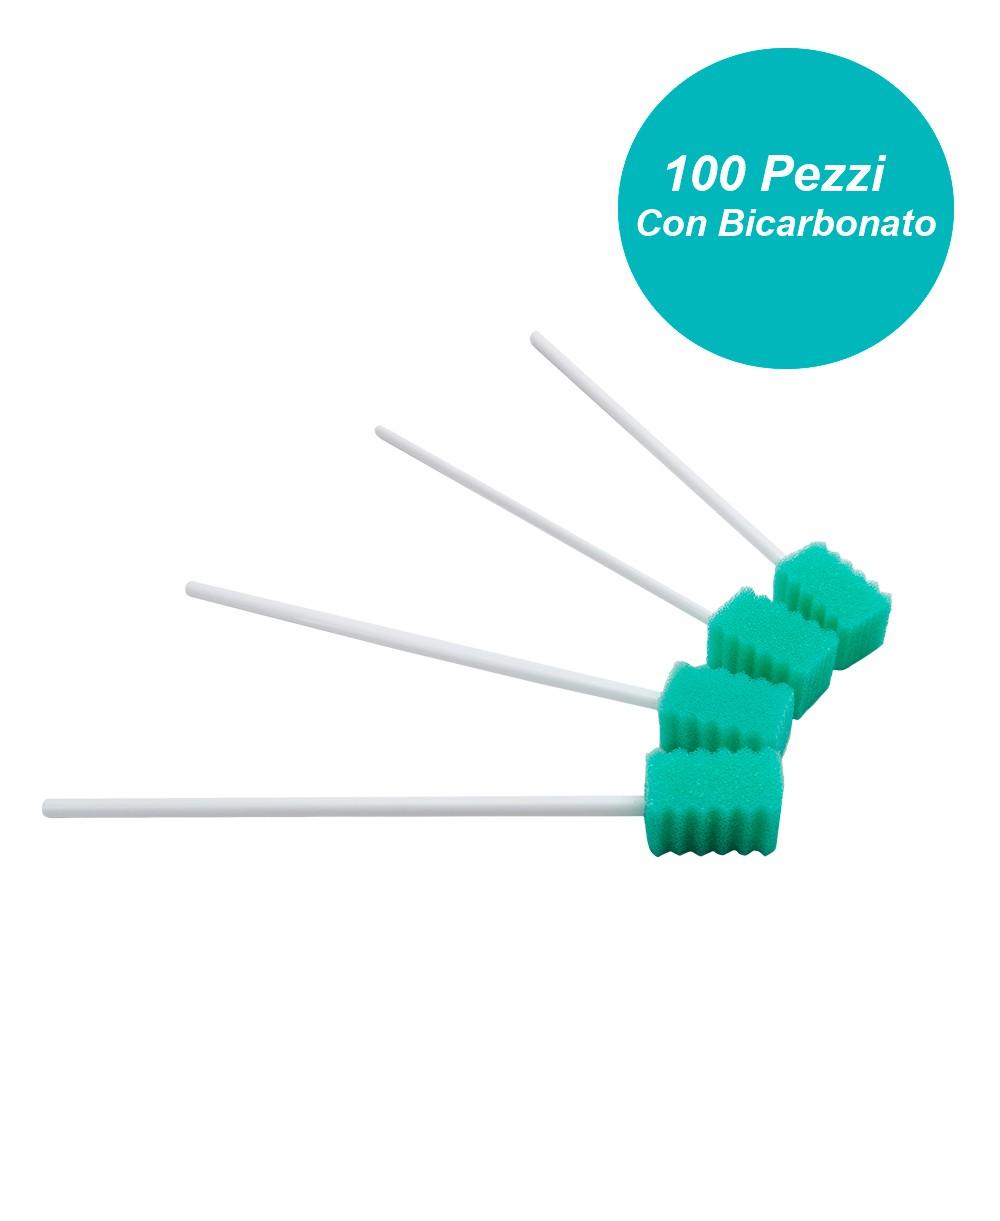 Tampone in Spugna per l'igiene del Cavo Orale con Bicarbonato Confezione da 100 pezzi